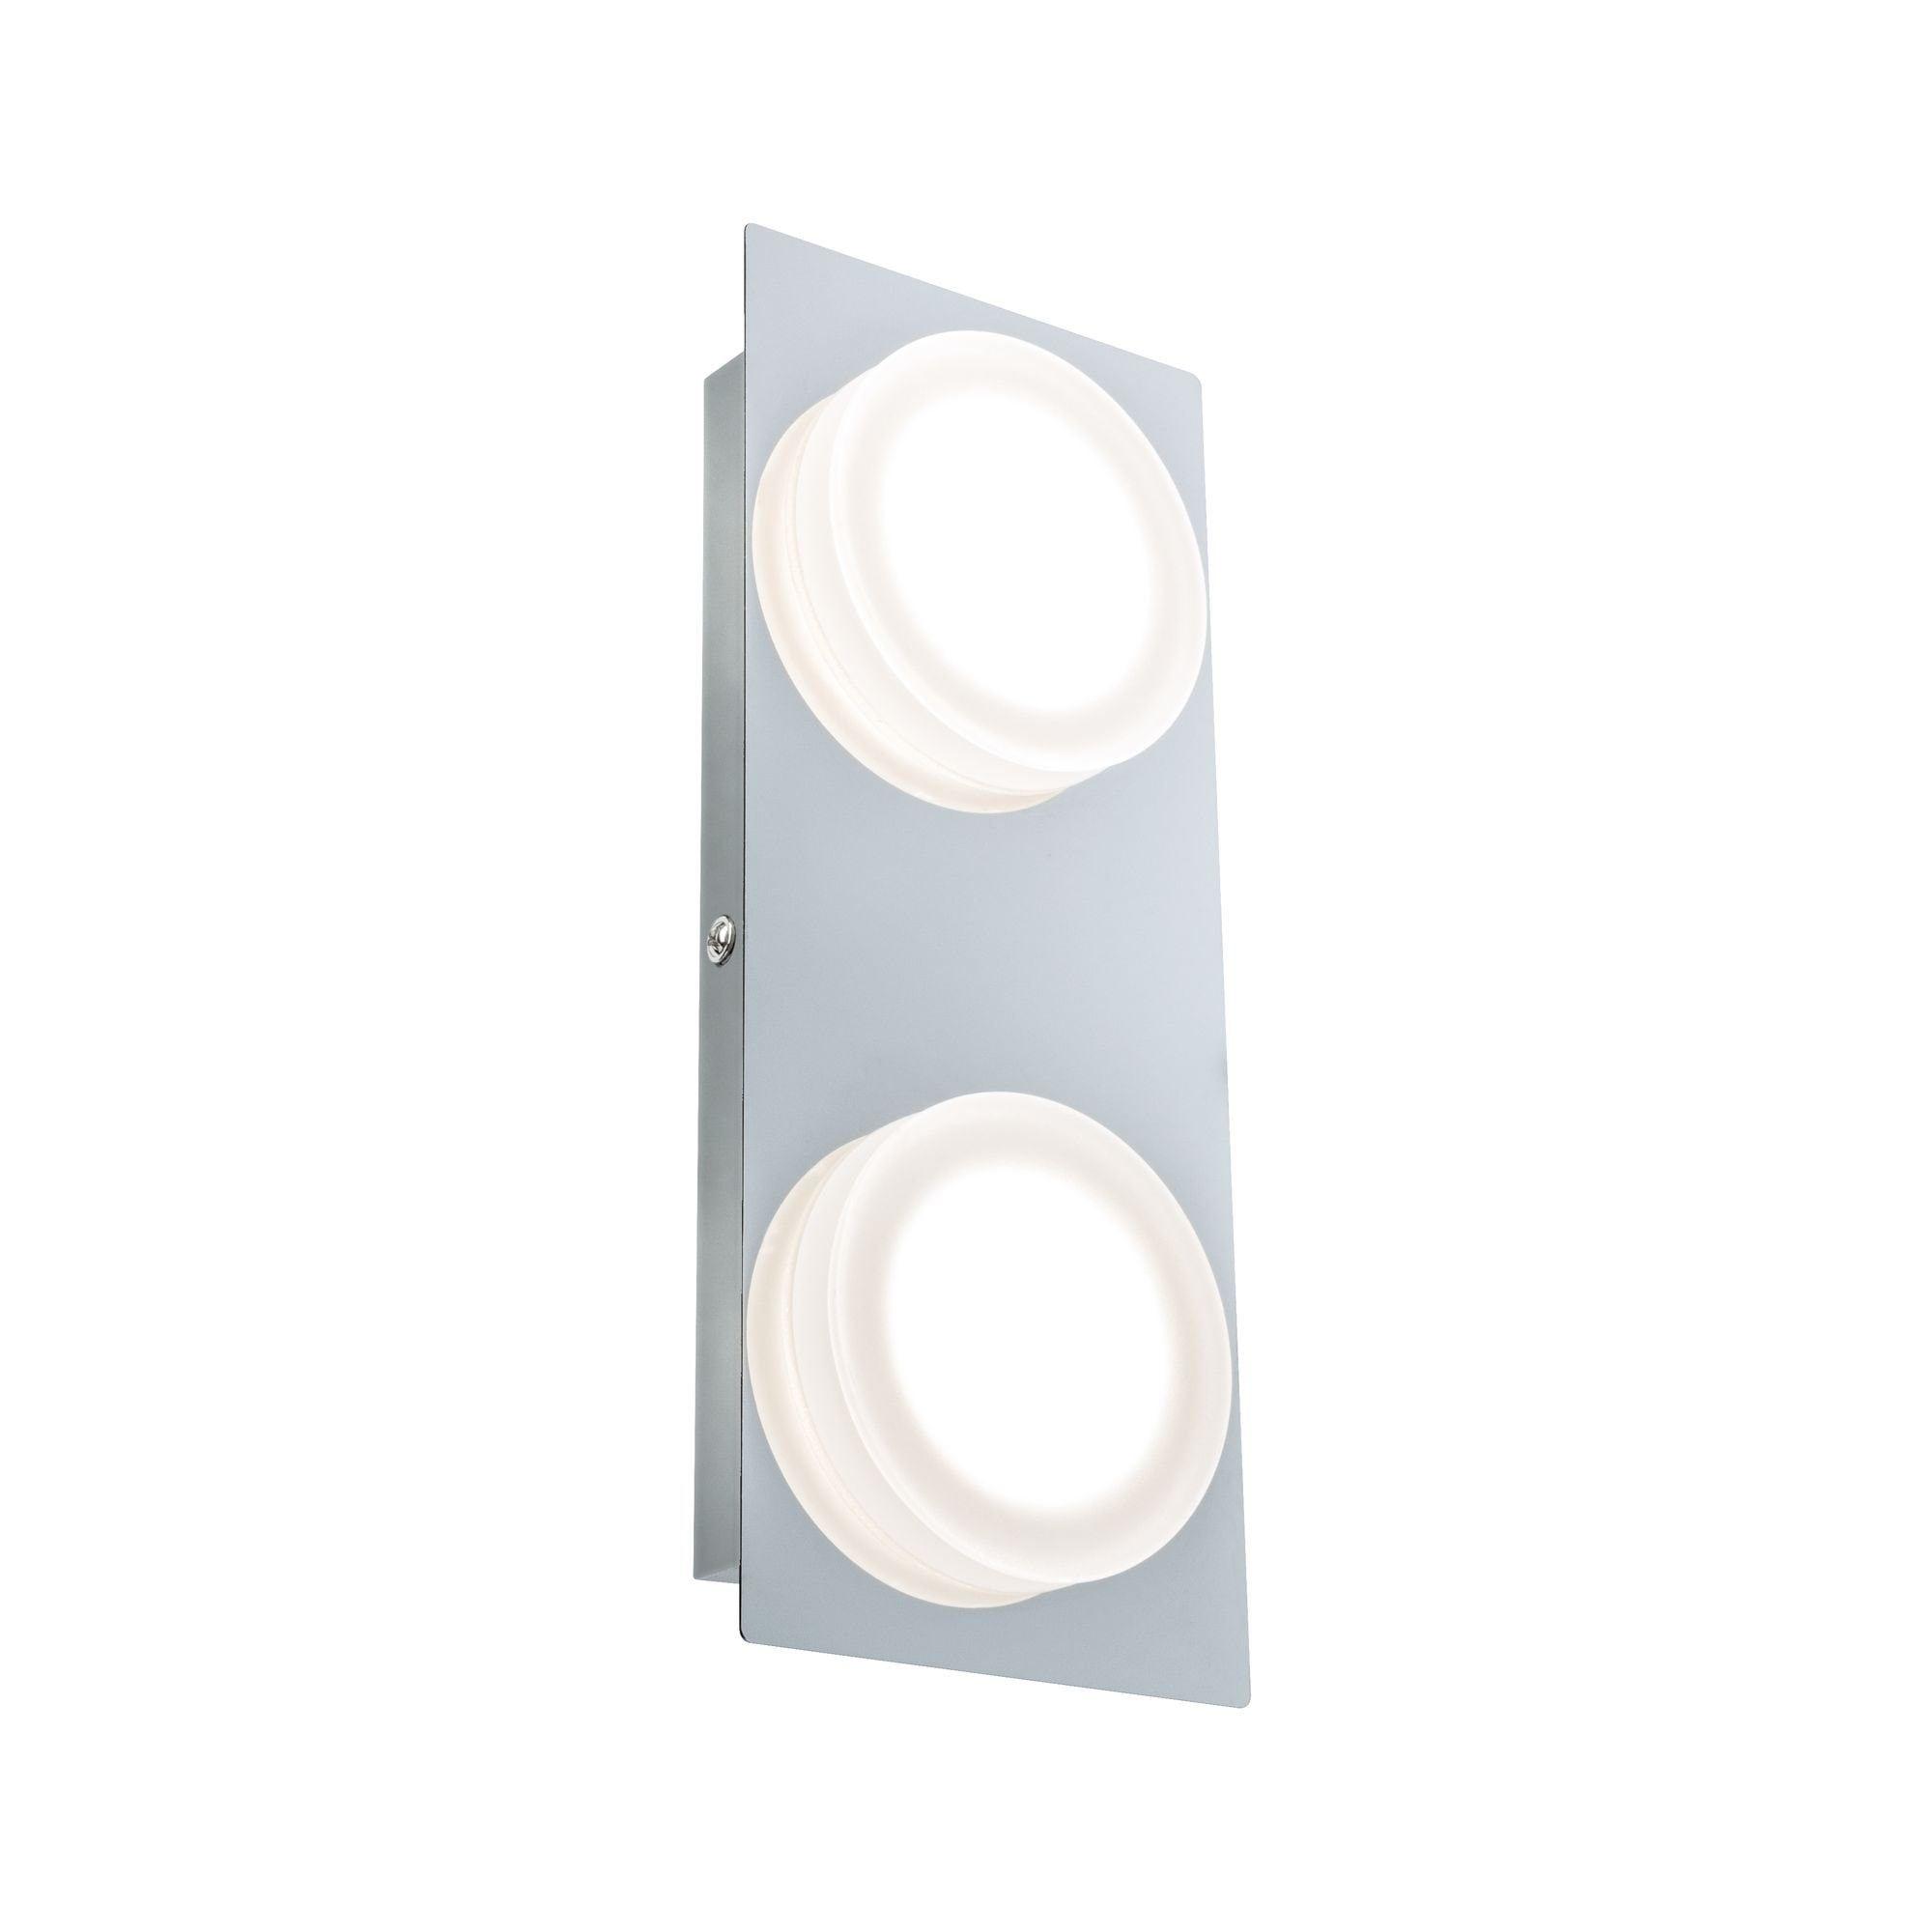 Paulmann LED Deckenleuchte Wandleuchte Doradus 2x4,7W Chrom, 1 St., Warmweiß